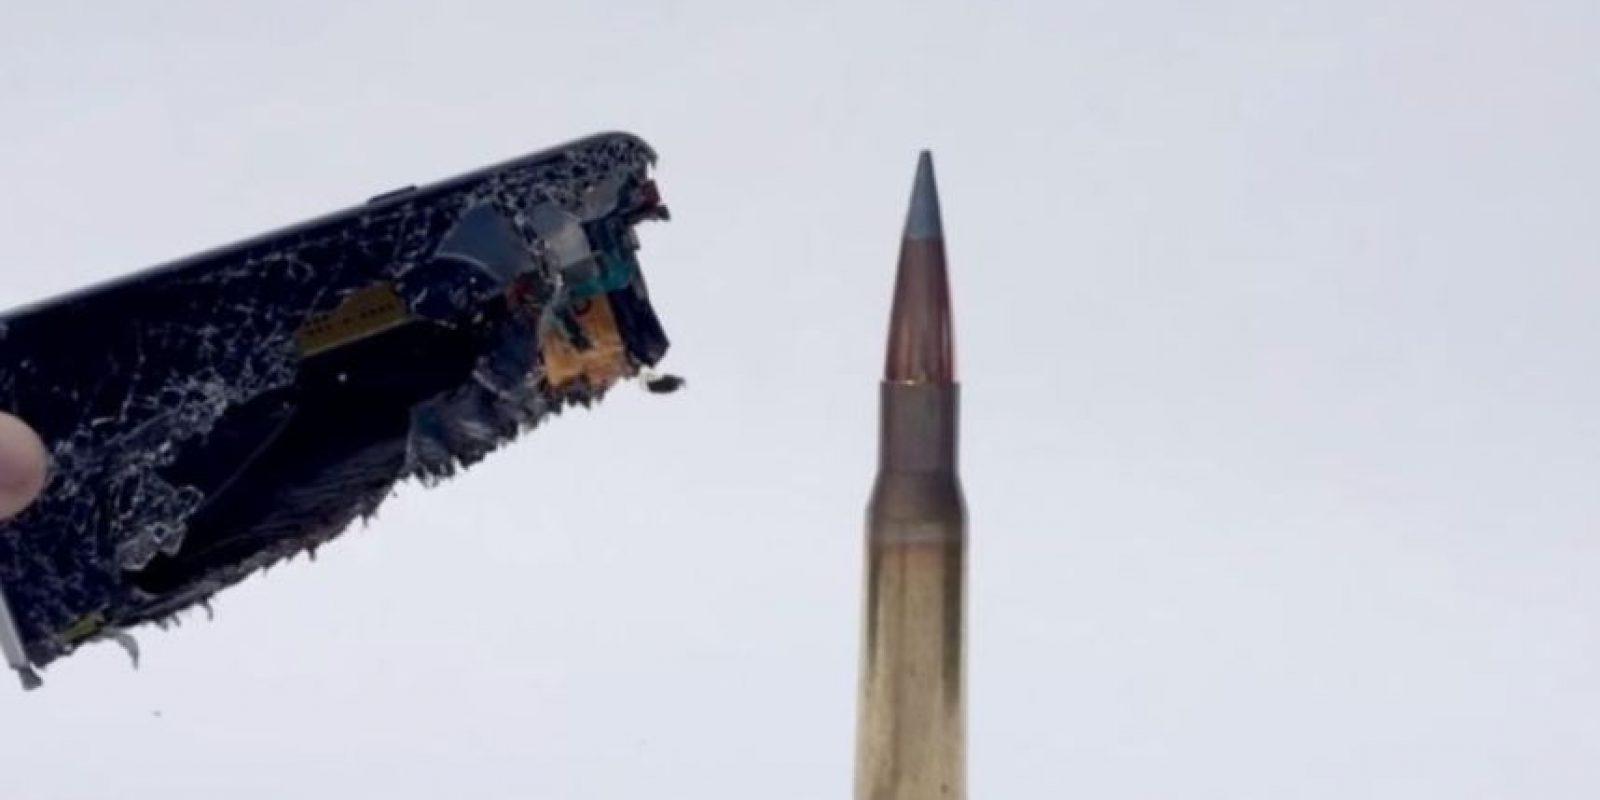 También se observa que el impacto quemó sus componentes. Foto:FullMag